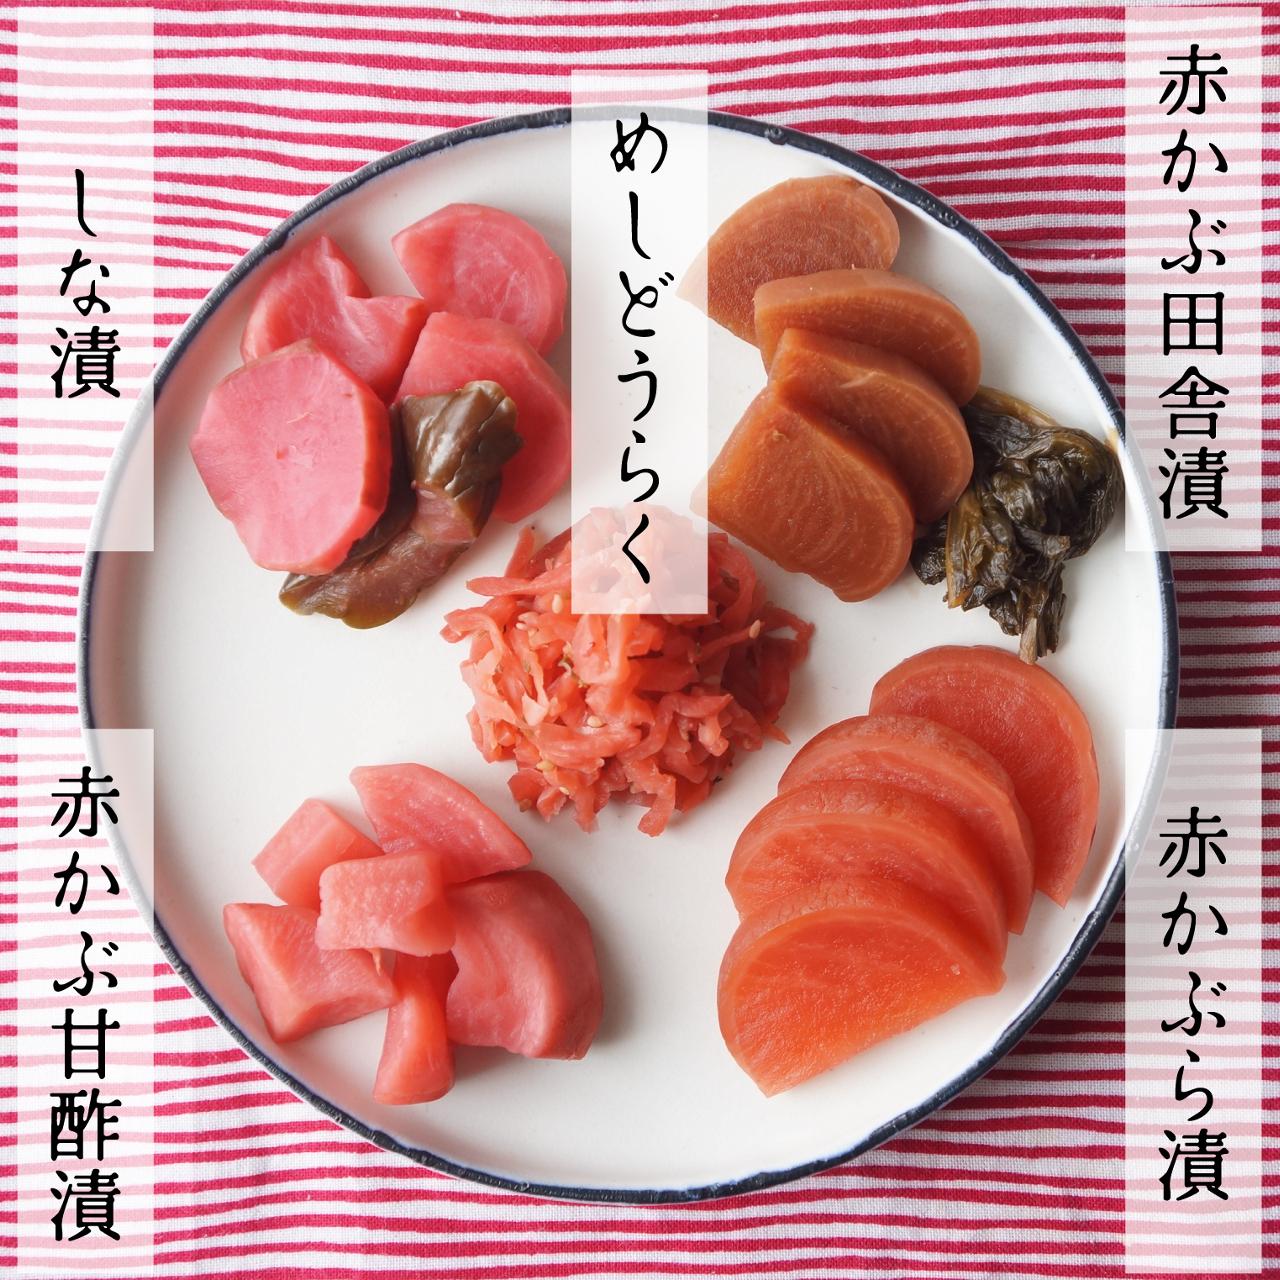 赤かぶ5種 食べ比べセット